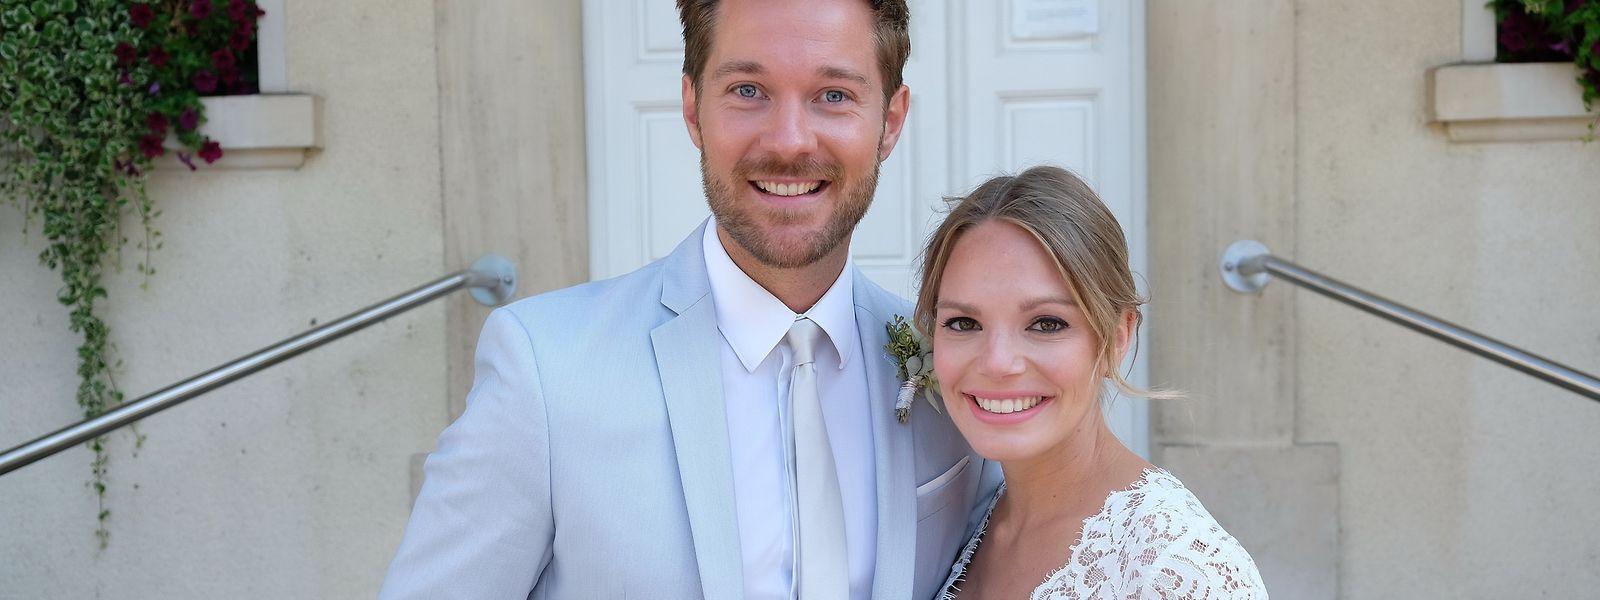 Strahlen vor Glück: Tommy Schlesser und Jill Morbach